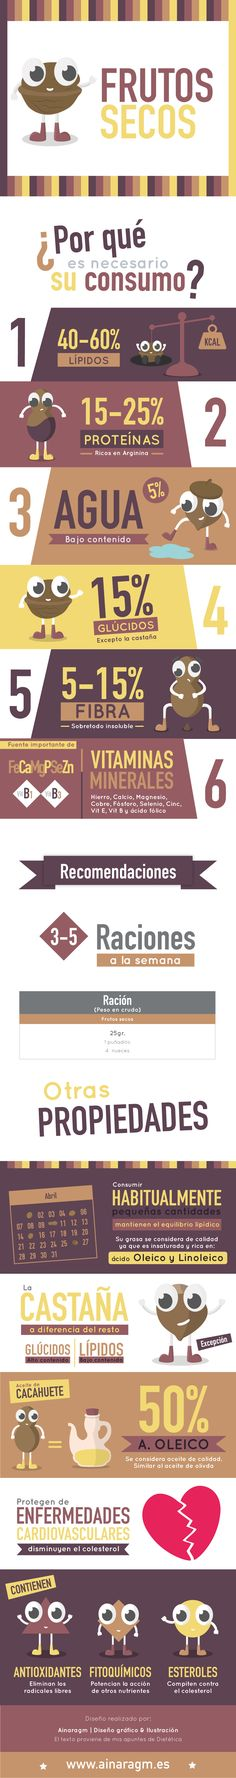 #Infografía sobre los beneficios de los #FrutosSecos